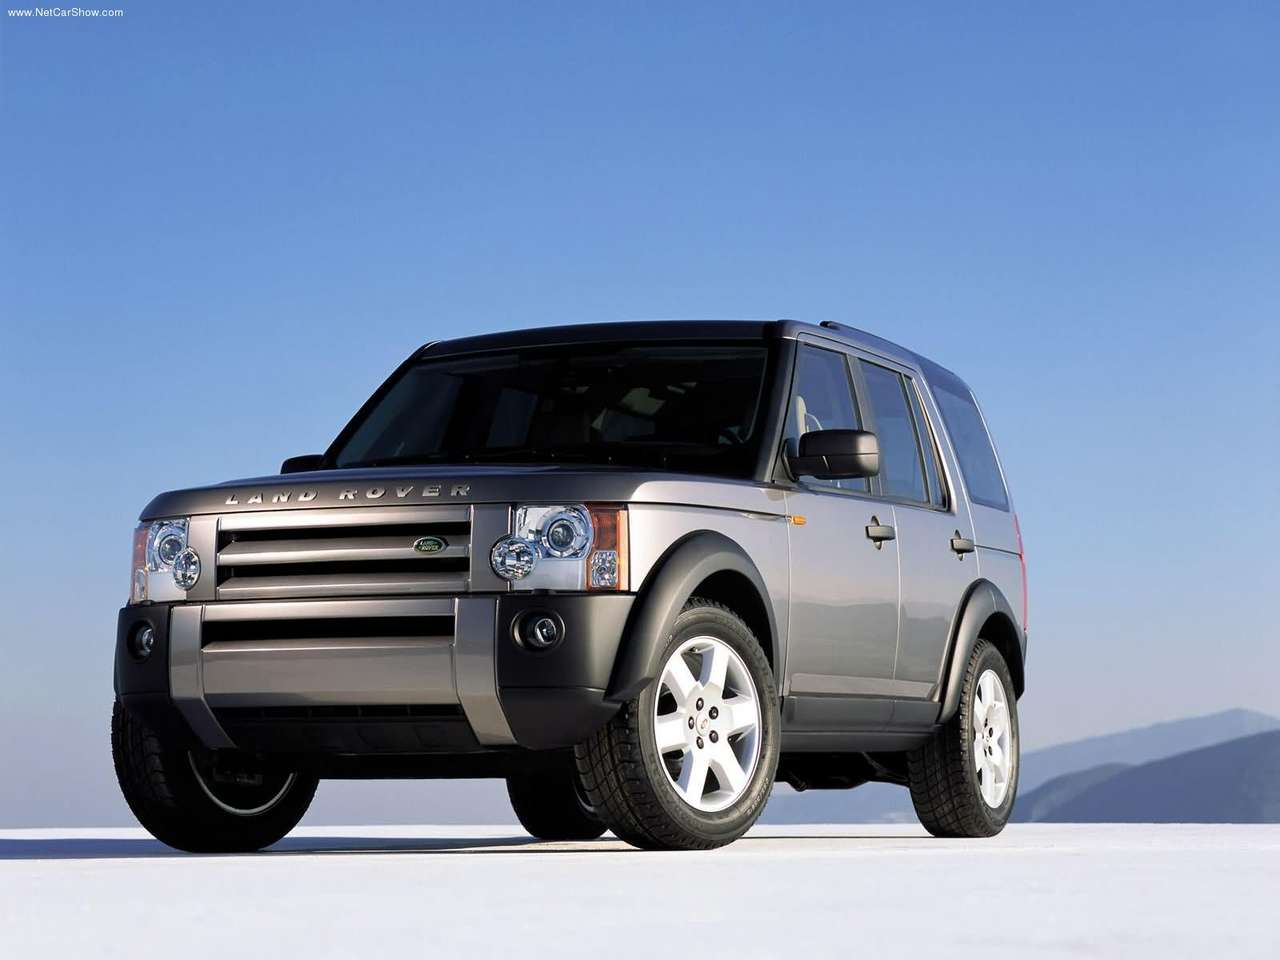 http://2.bp.blogspot.com/-ubzoTxeGdSQ/TZG5U-YPsNI/AAAAAAAACAE/AIhdMEbLHeo/s1600/Land_Rover-LR3_2005_1280x960_wallpaper_05.jpg